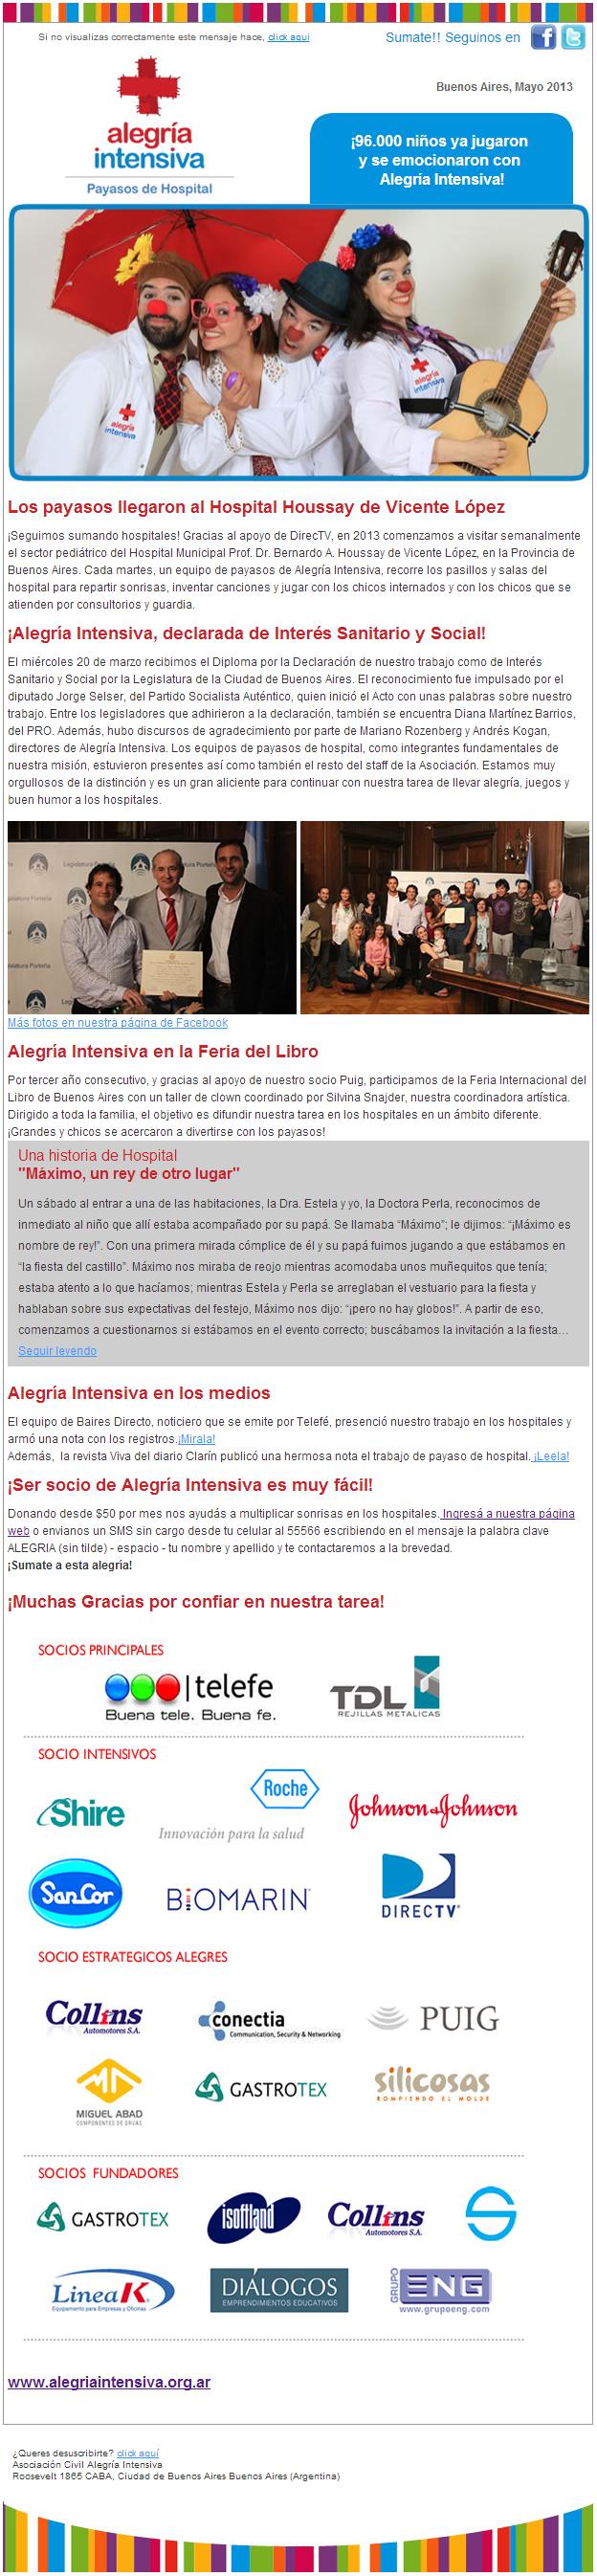 newsMayo2013